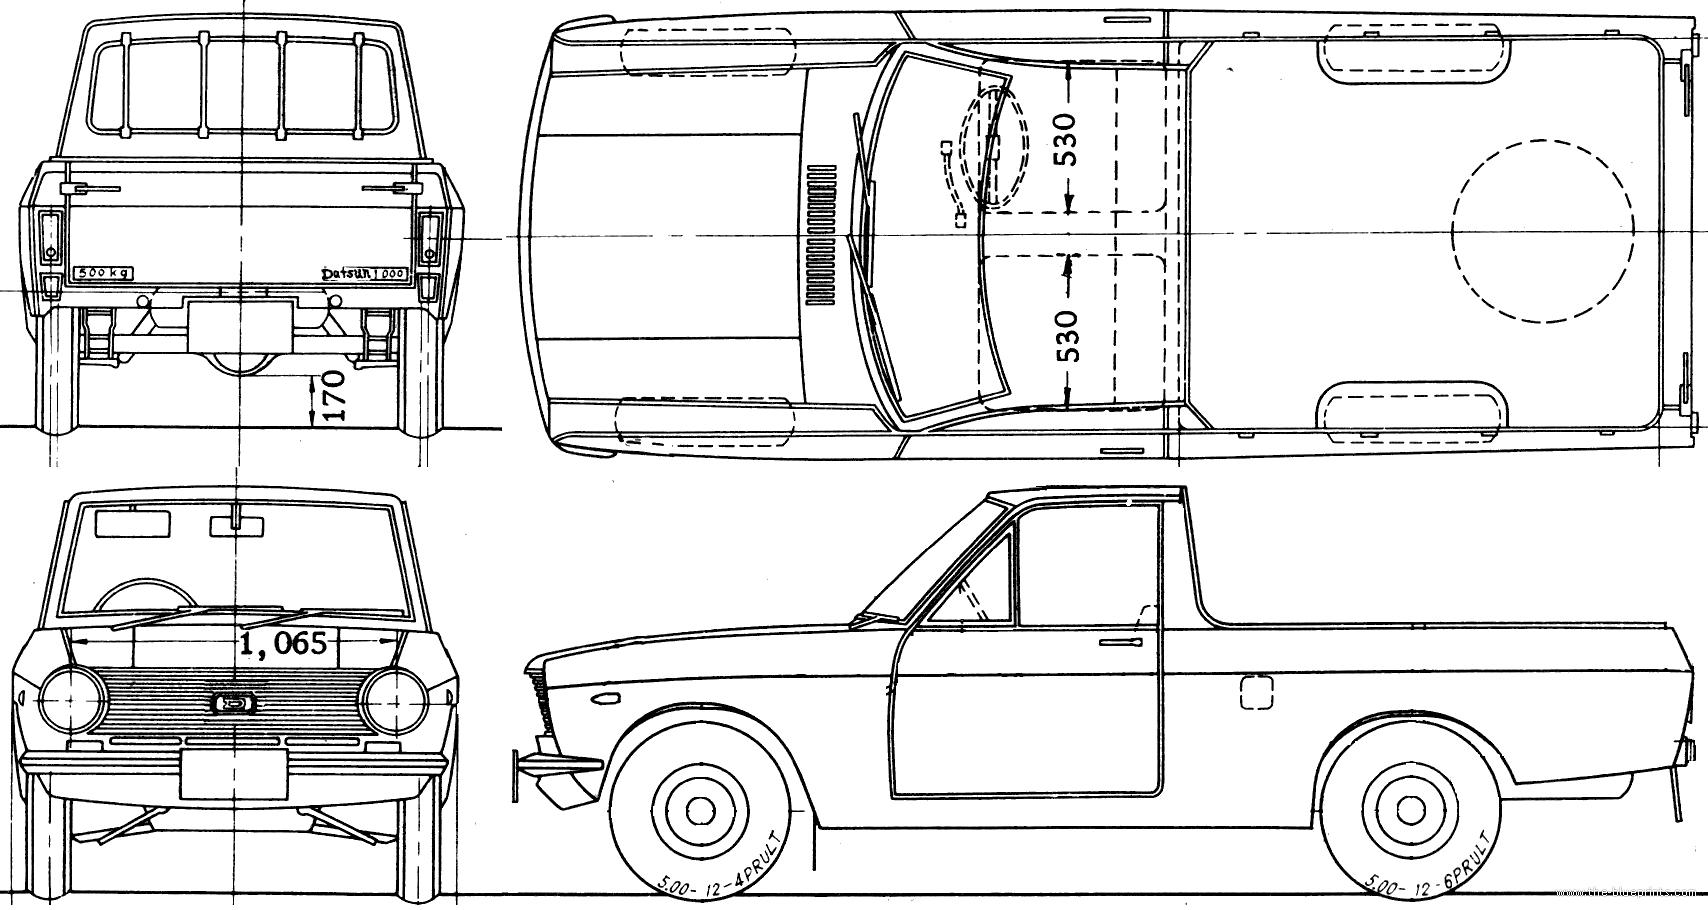 Blueprints Gt Cars Gt Datsun Gt Datsun B20 Pick Up